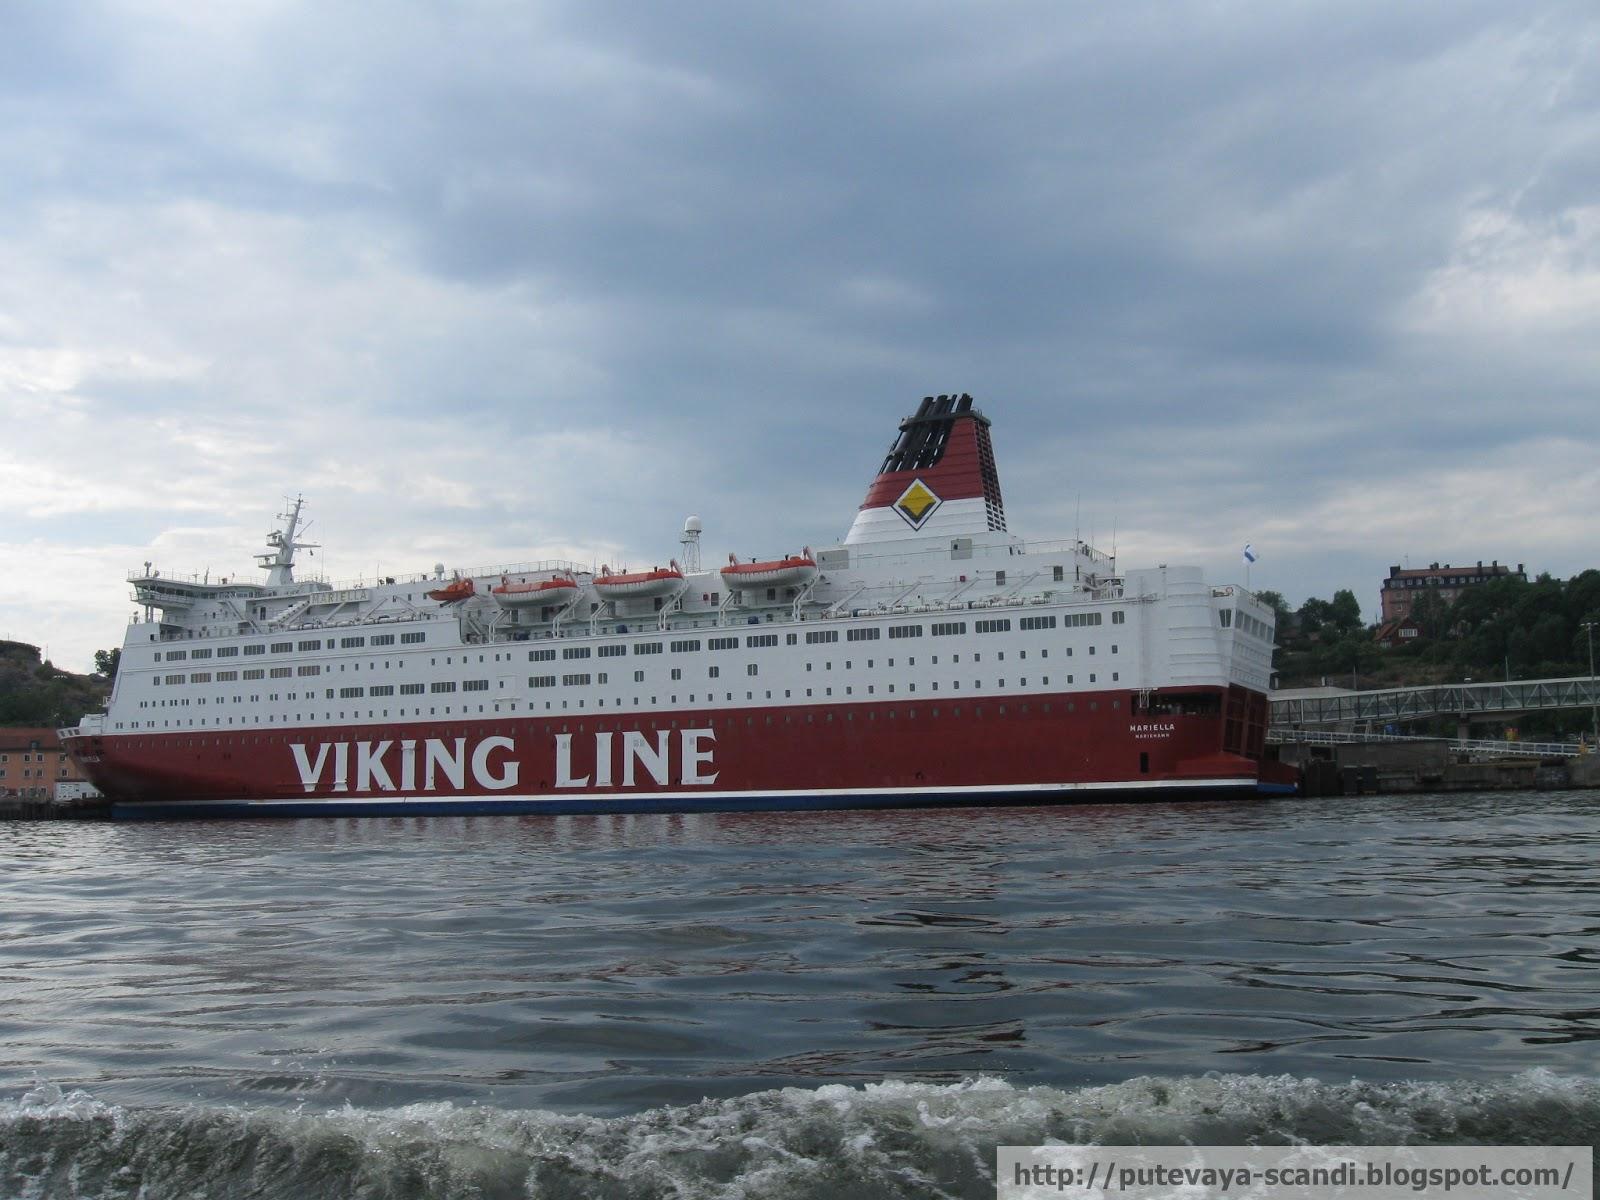 а пассажиры здесь викинги?